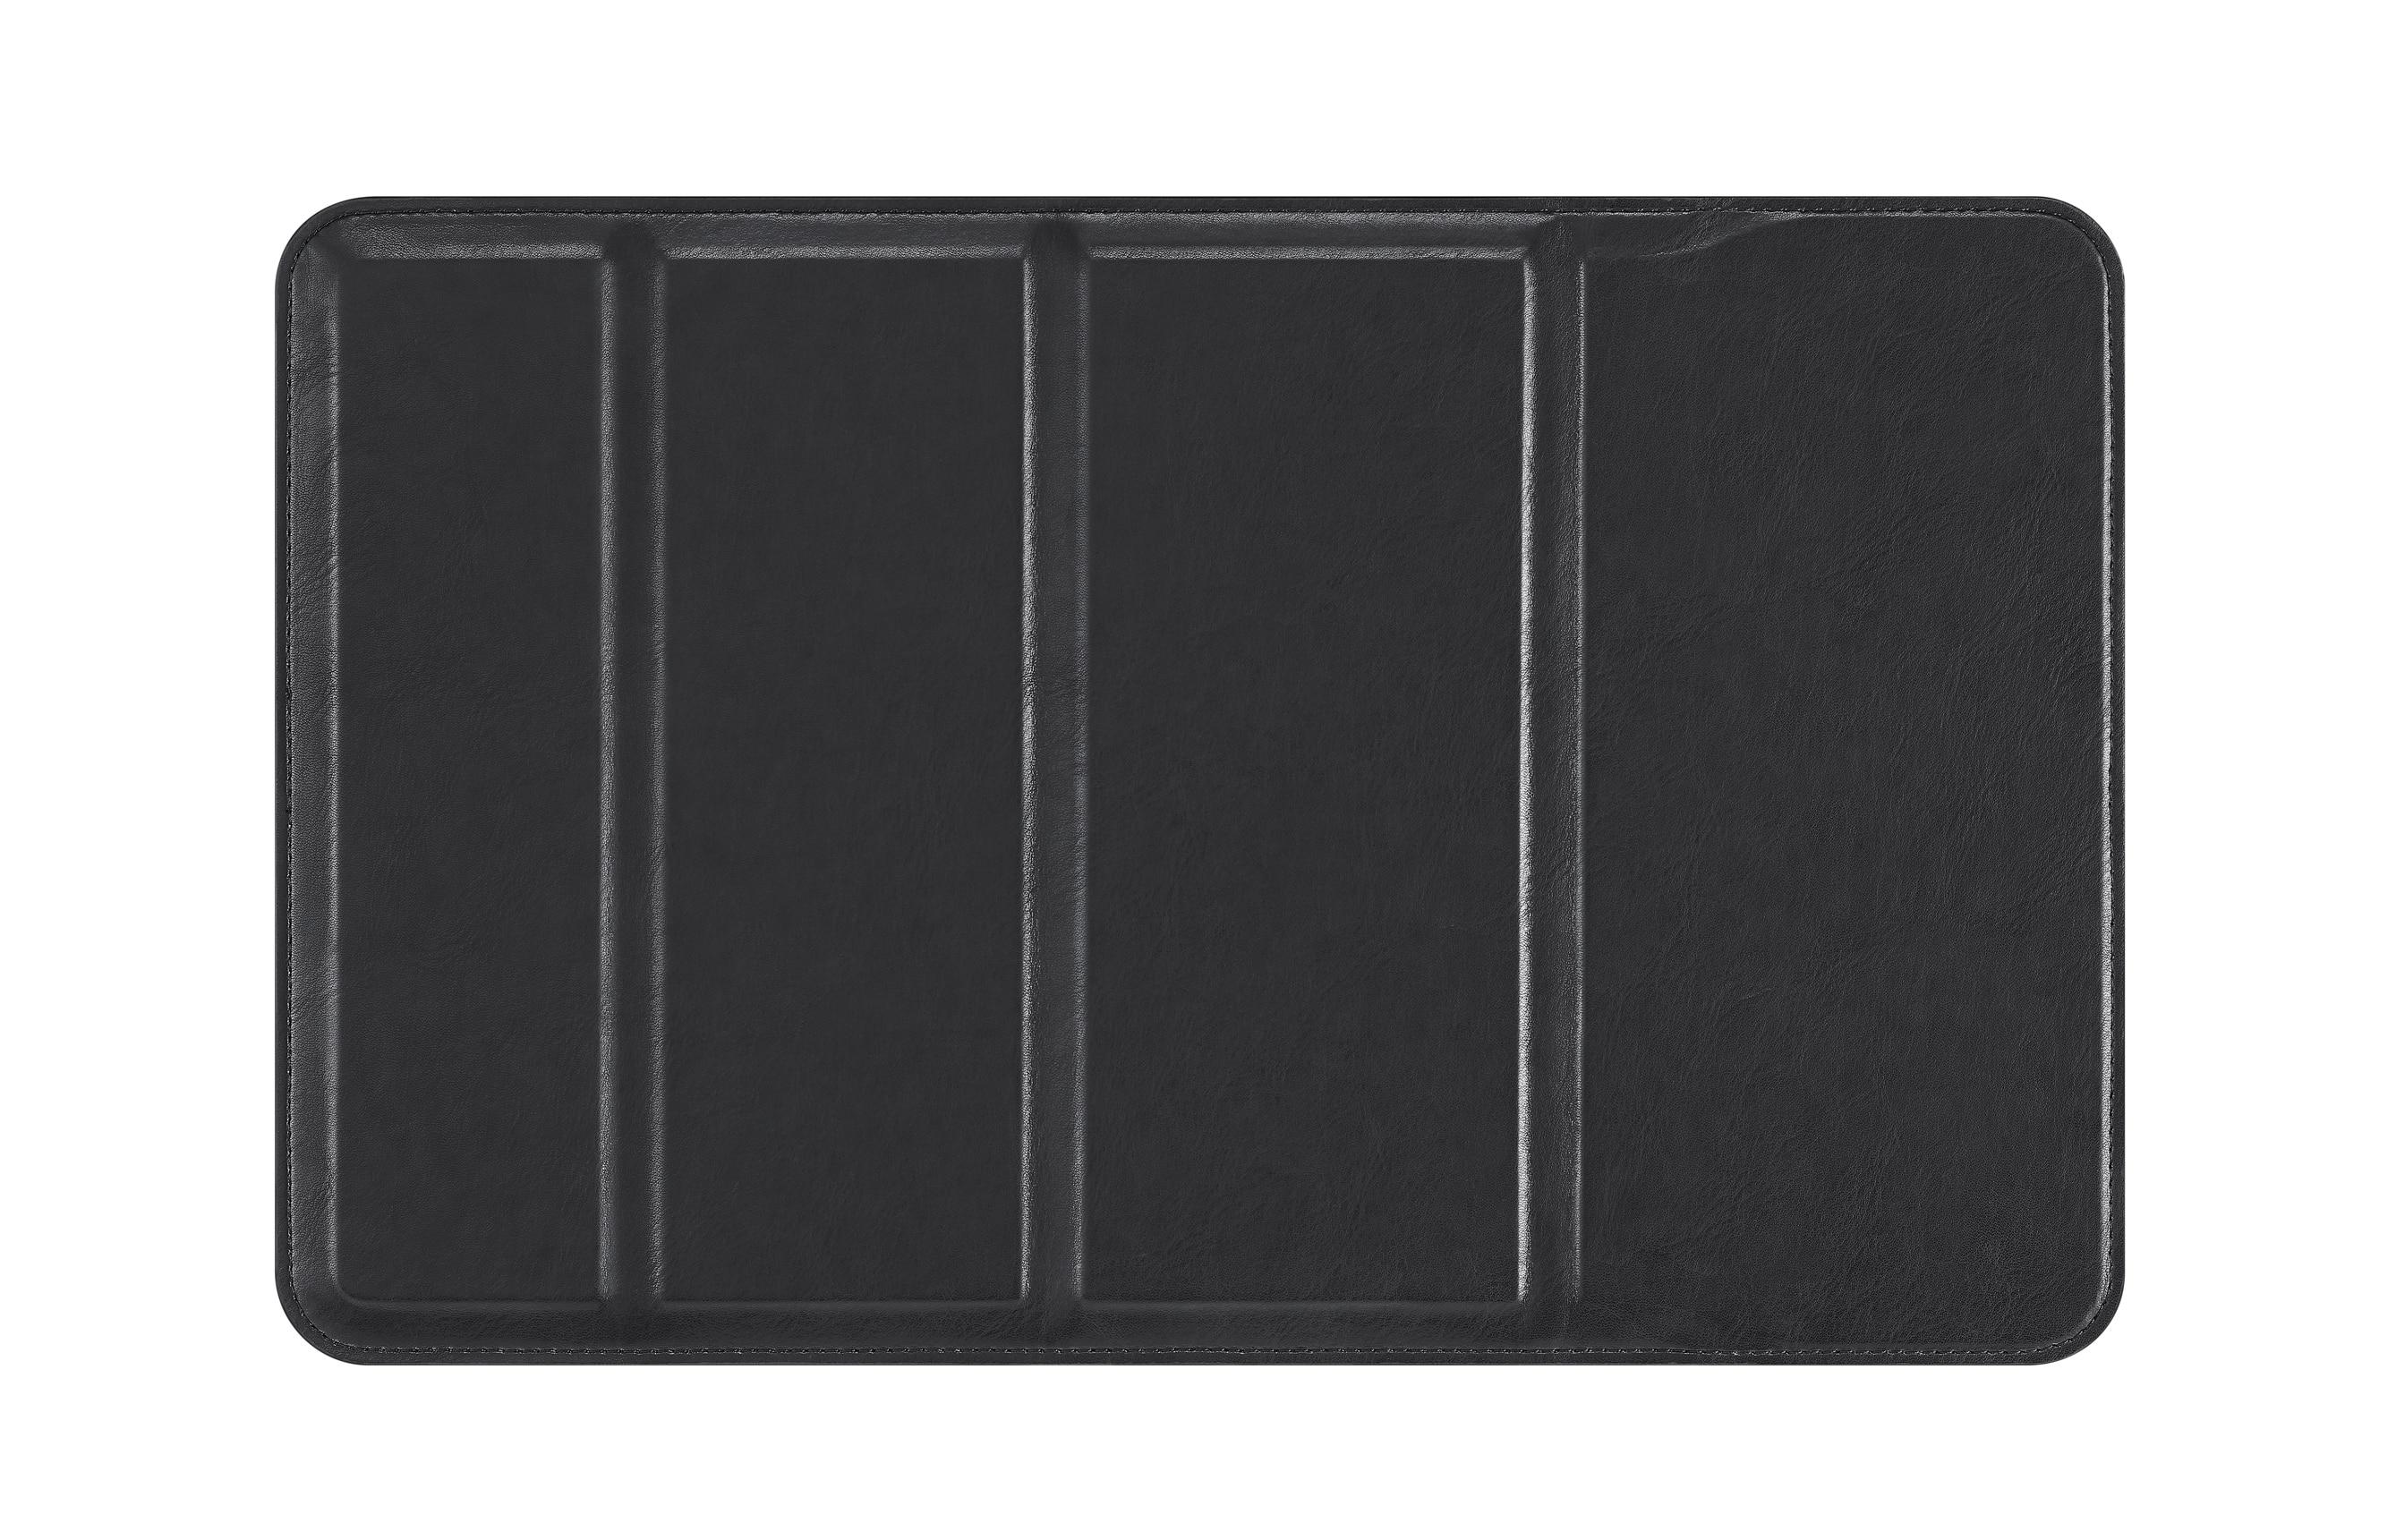 VAIO A12専用 VAIOロゴ付きタブレットケース/VB-C11/BK